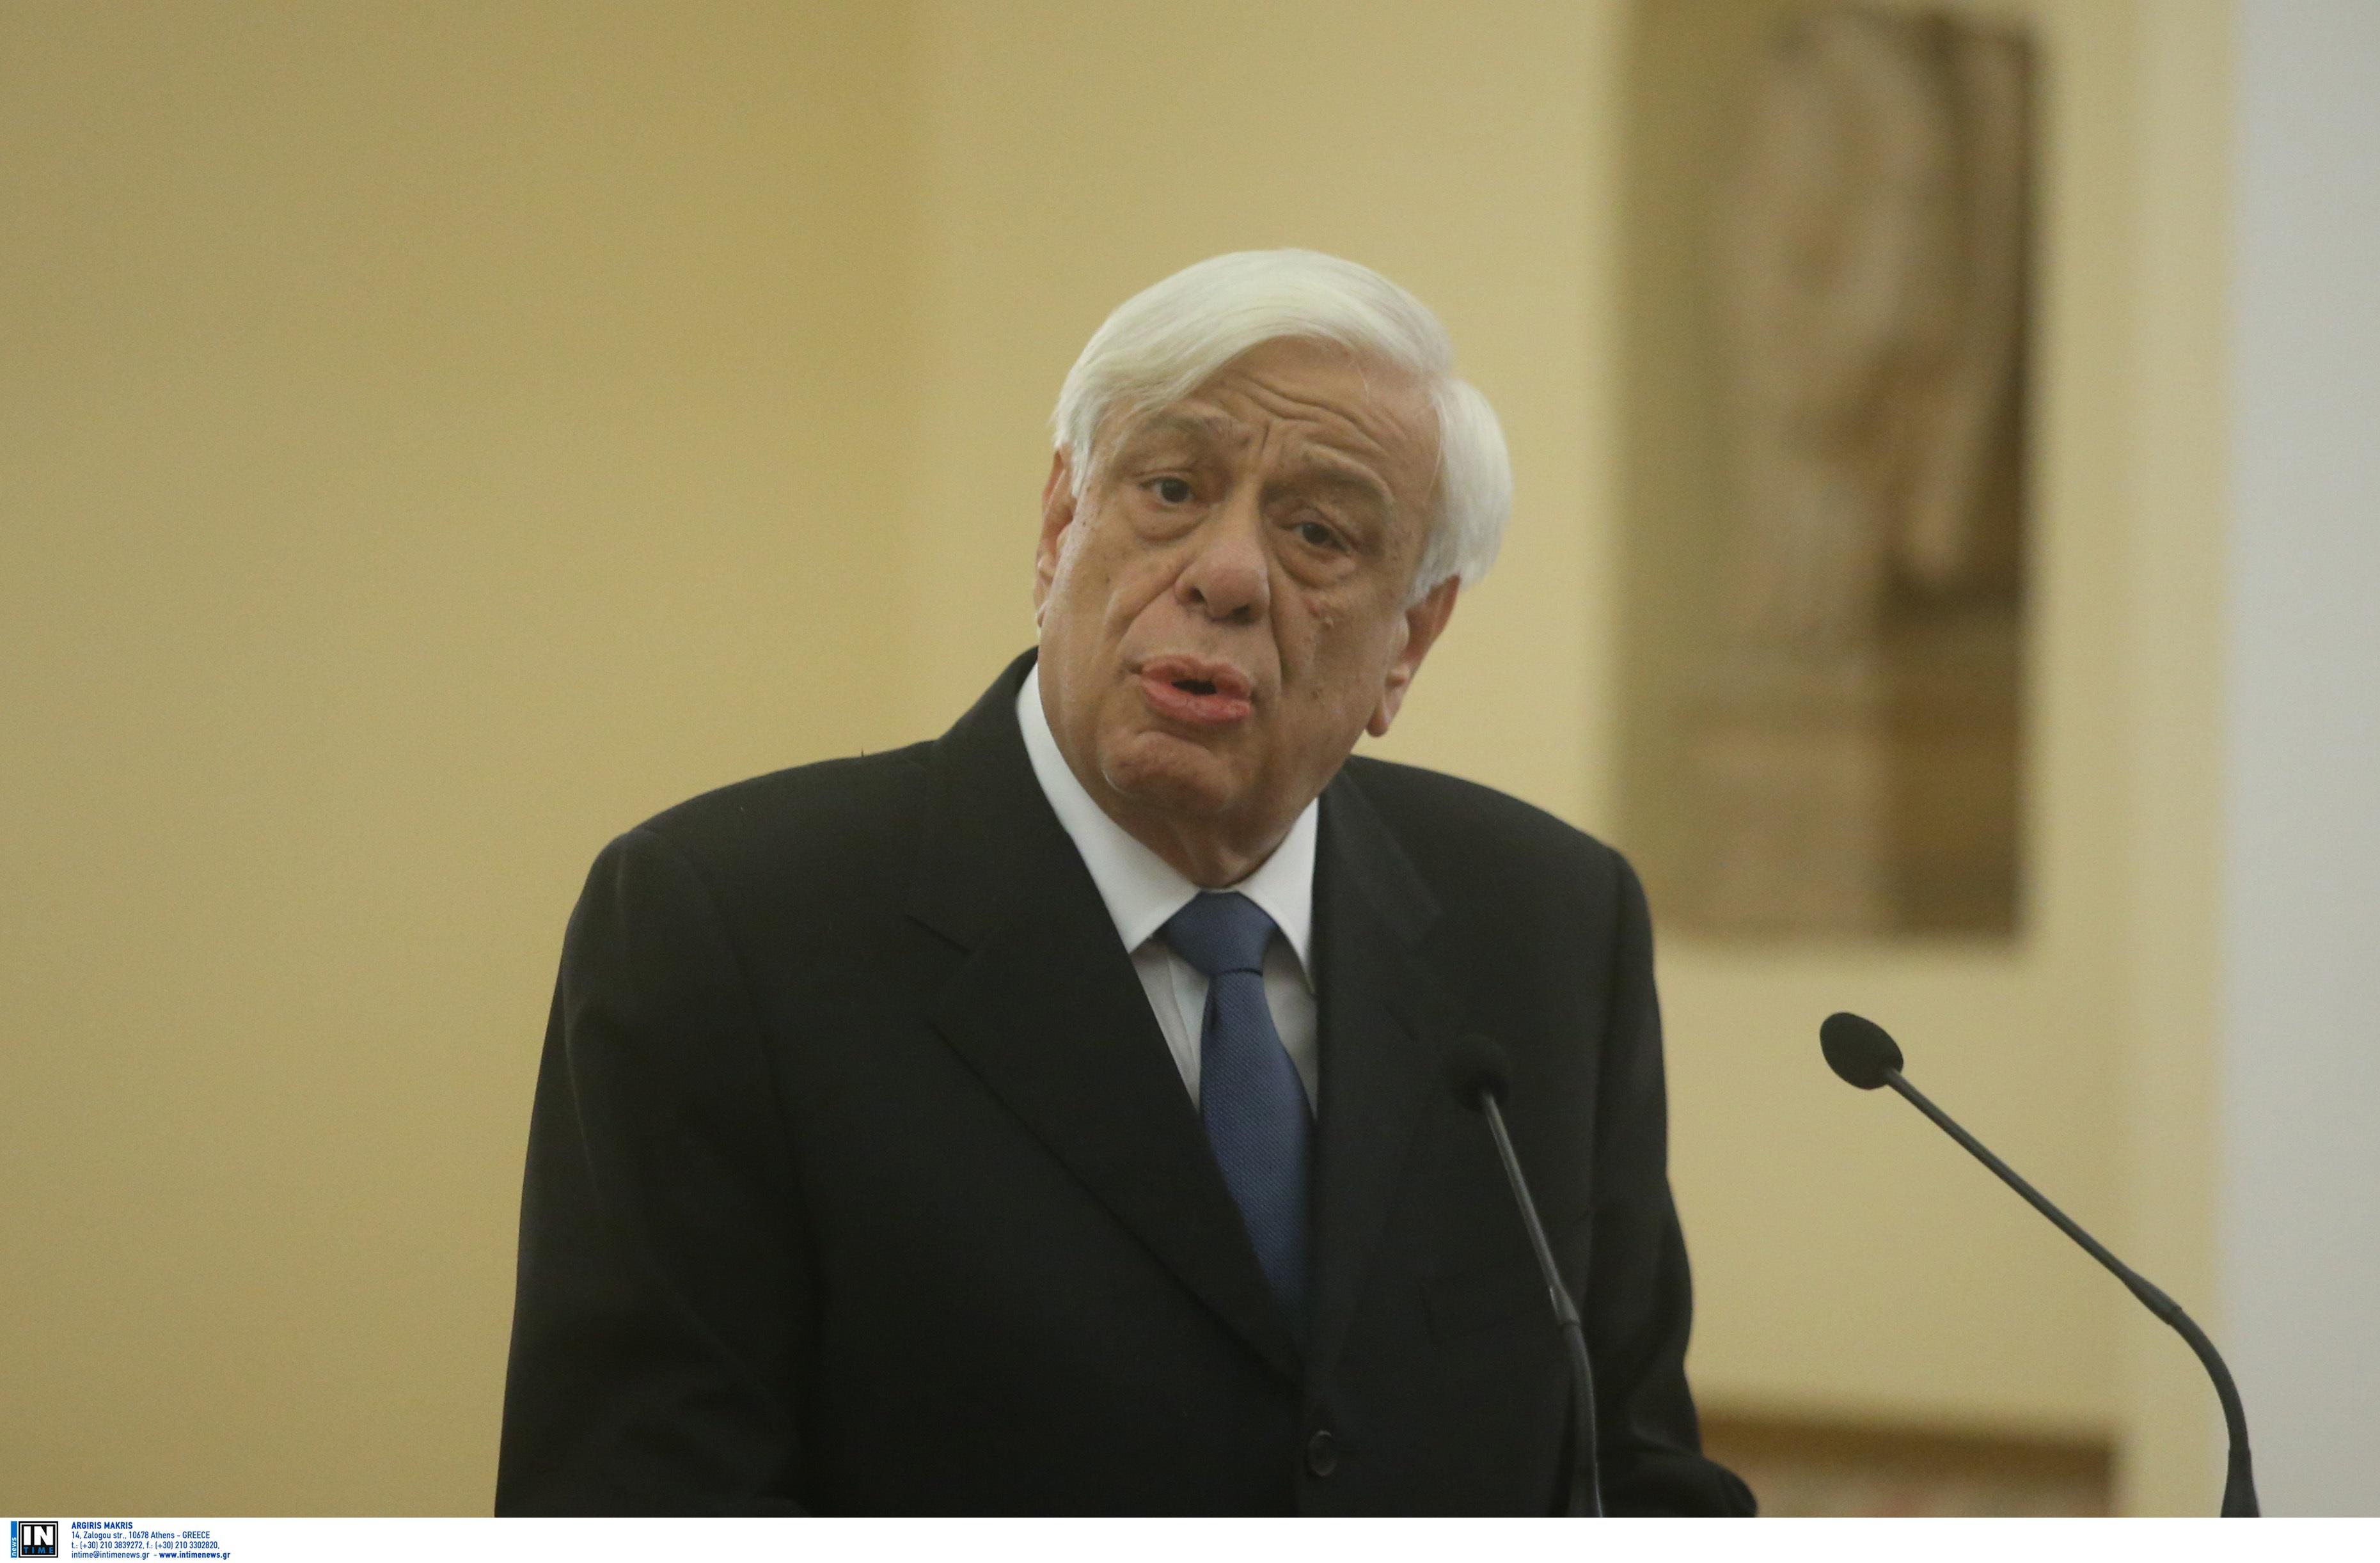 """Παυλόπουλος για Τουρκία: """"Να ζητήσει έστω και αργά μία συγγνώμη για τη Γενοκτονία του Ελληνισμού του Πόντου""""!"""